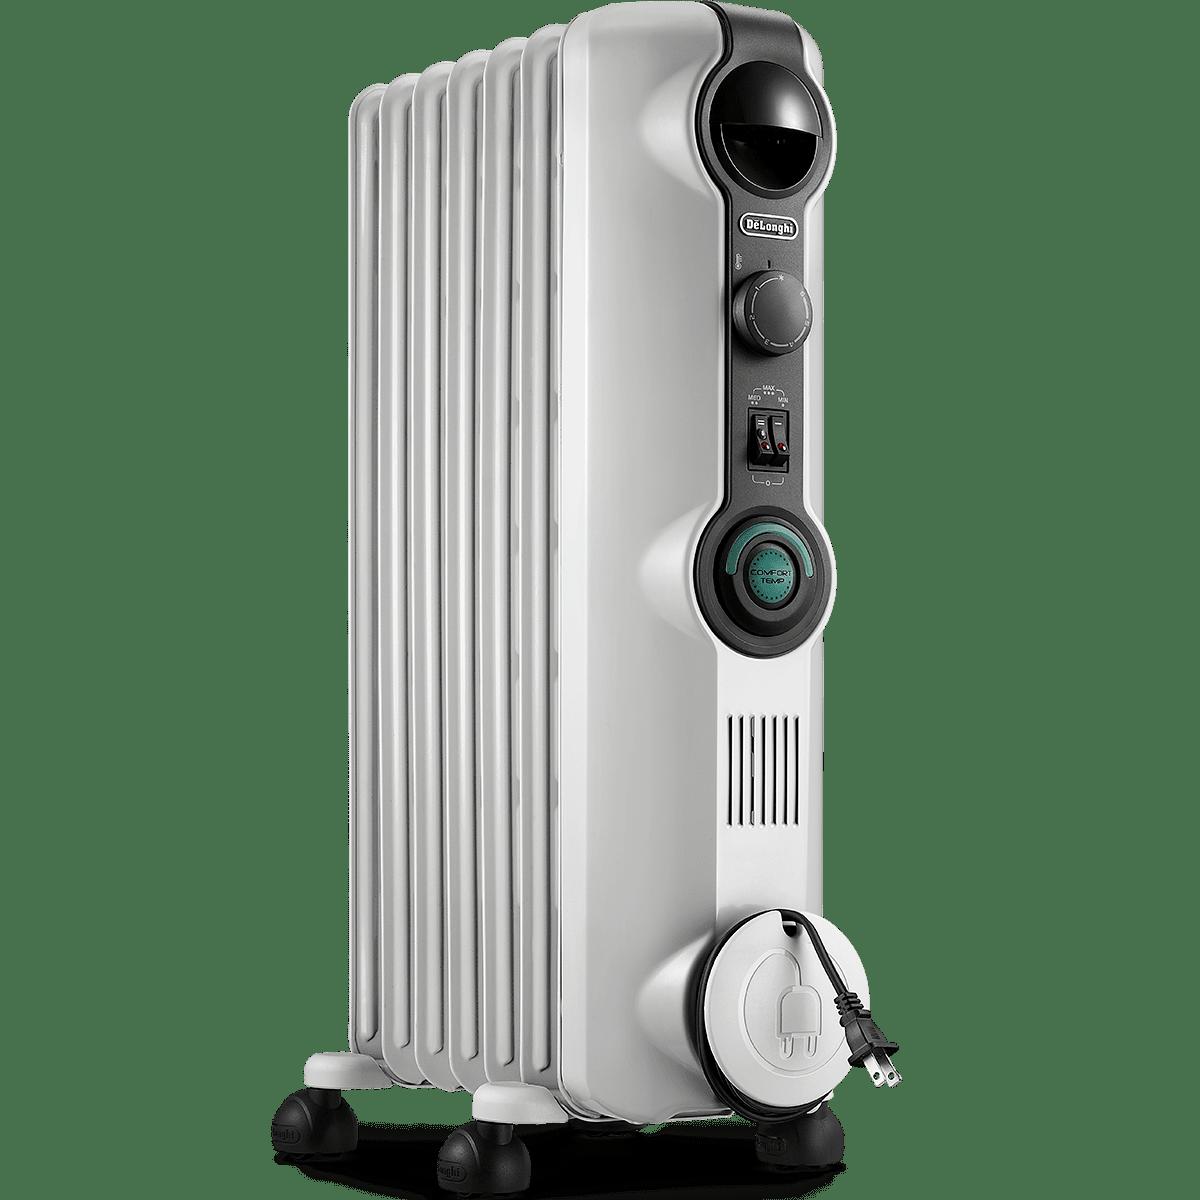 DeLonghi Comfort Temp Full Room Radiant Heater Model: KH390715CM